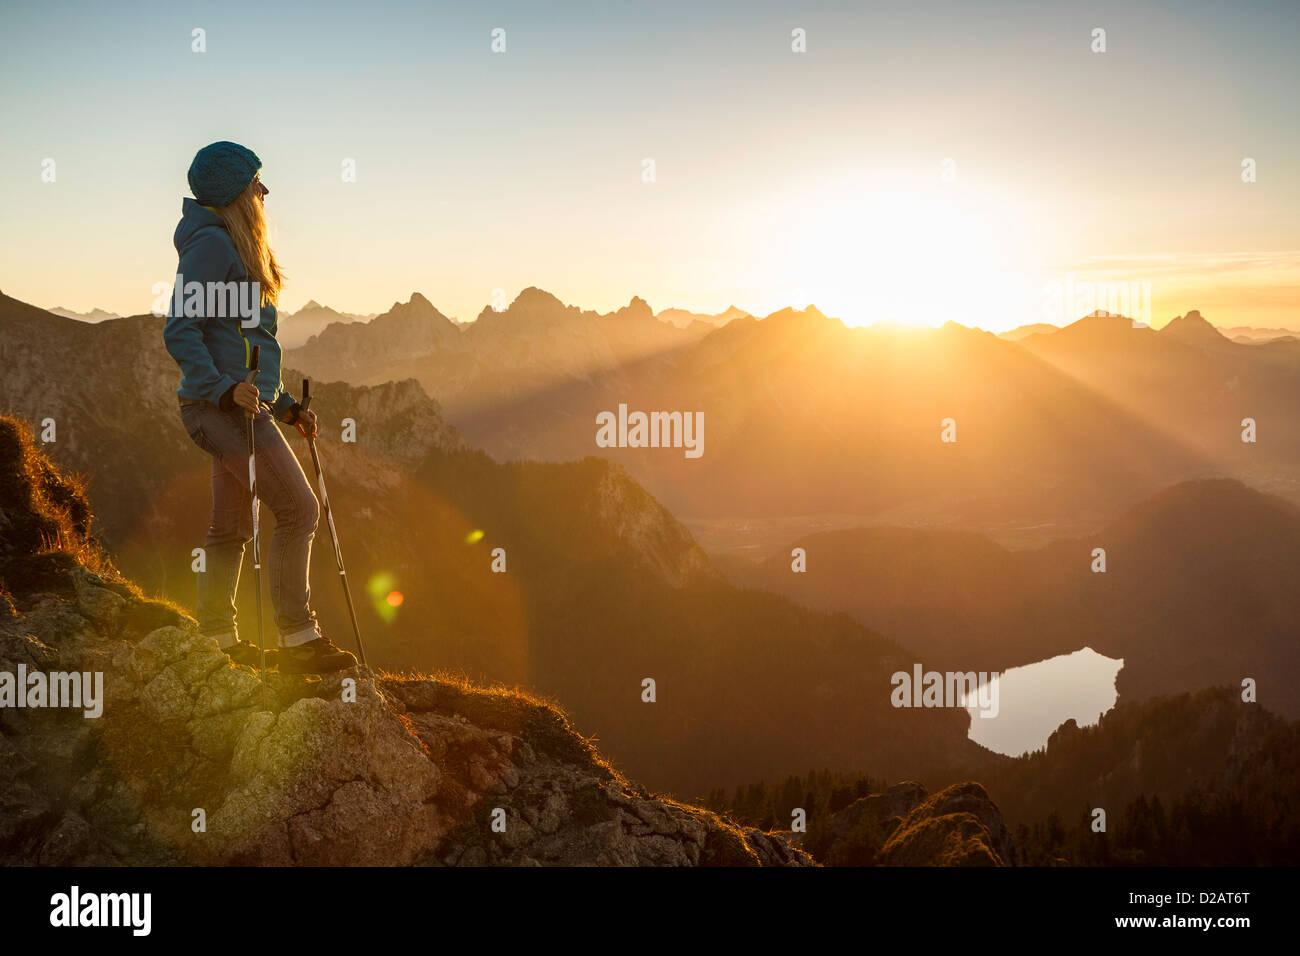 Randonneur debout sur une colline rocheuse Photo Stock